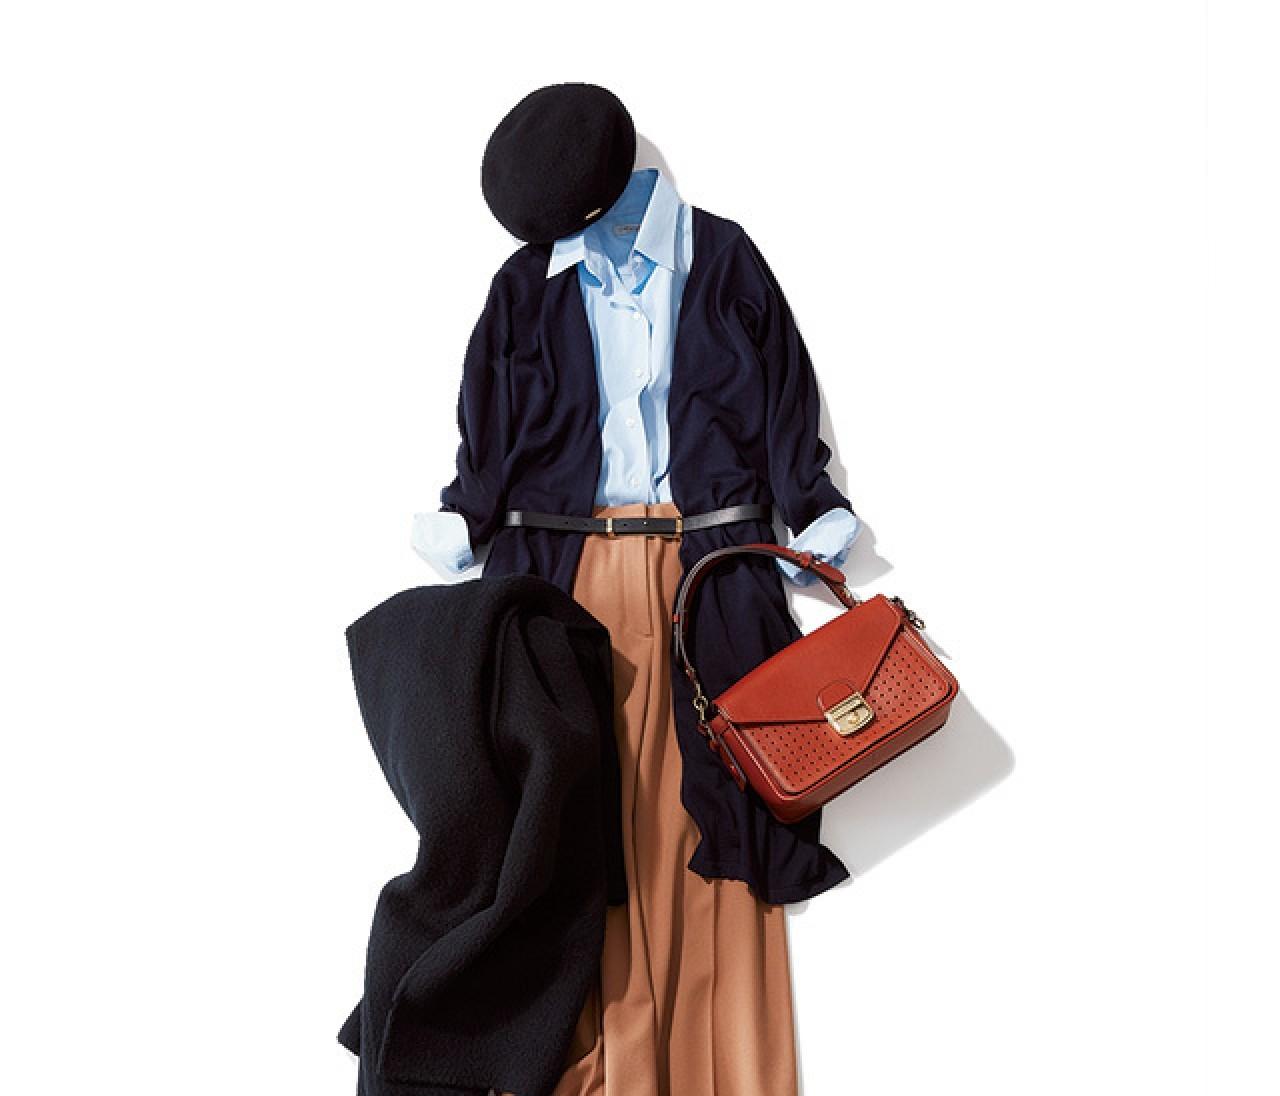 いつものパンツスタイルも、ロングカーデ&ベルトで見違え!